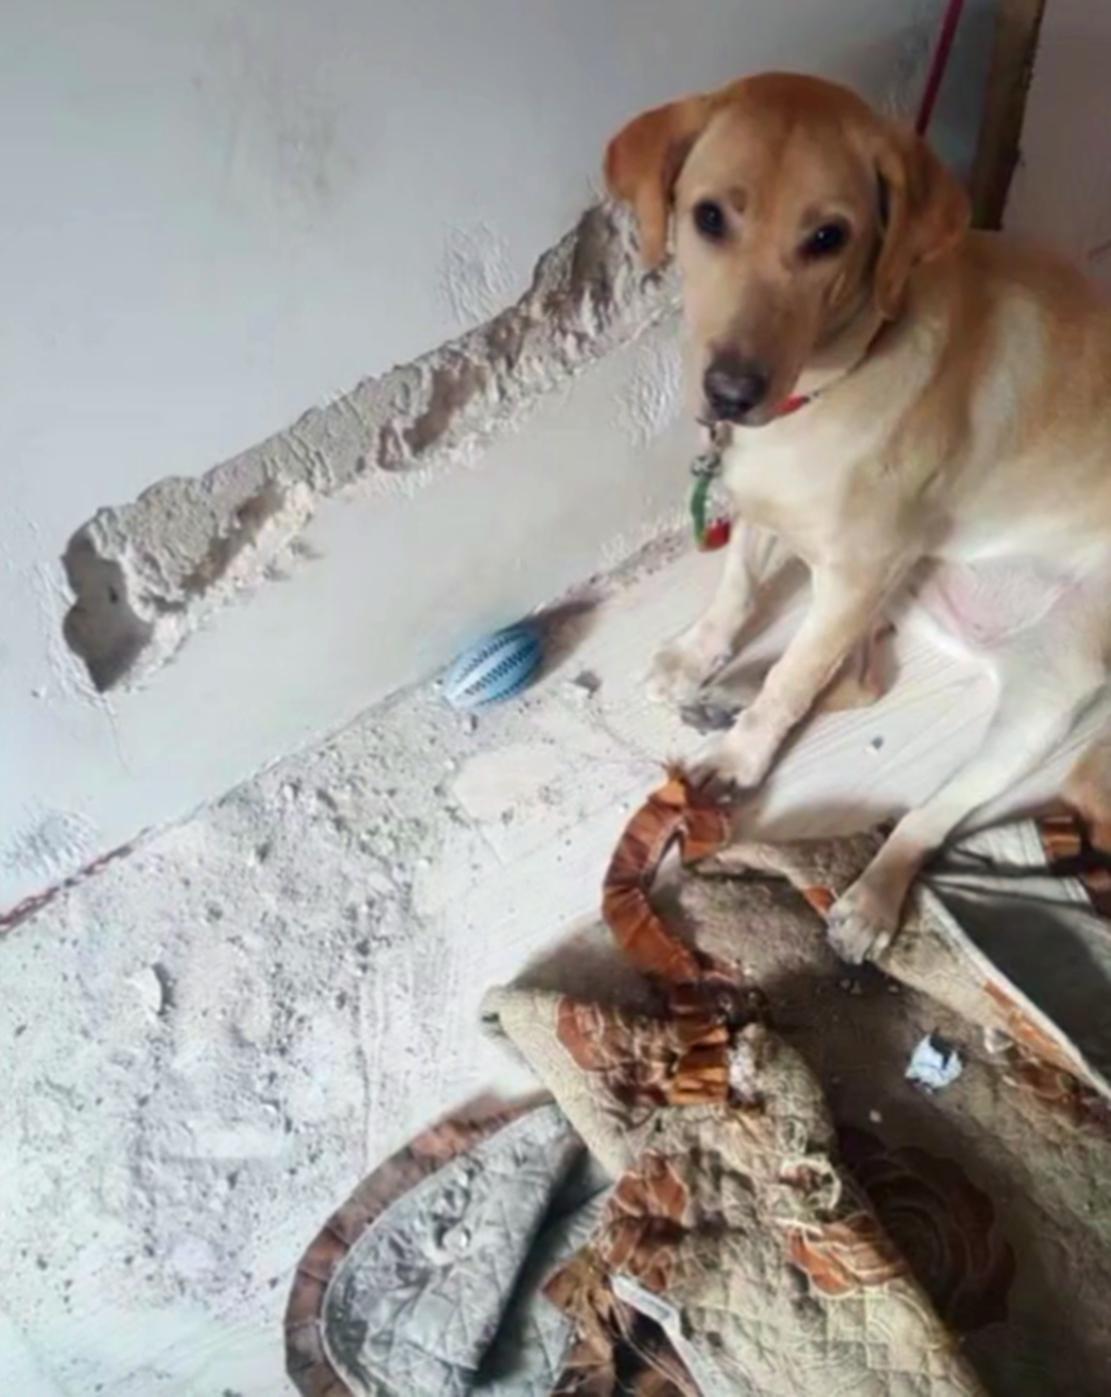 拉布拉多啃墙啃上瘾了,啃完姥姥家啃自己家,墙皮都被啃脱了